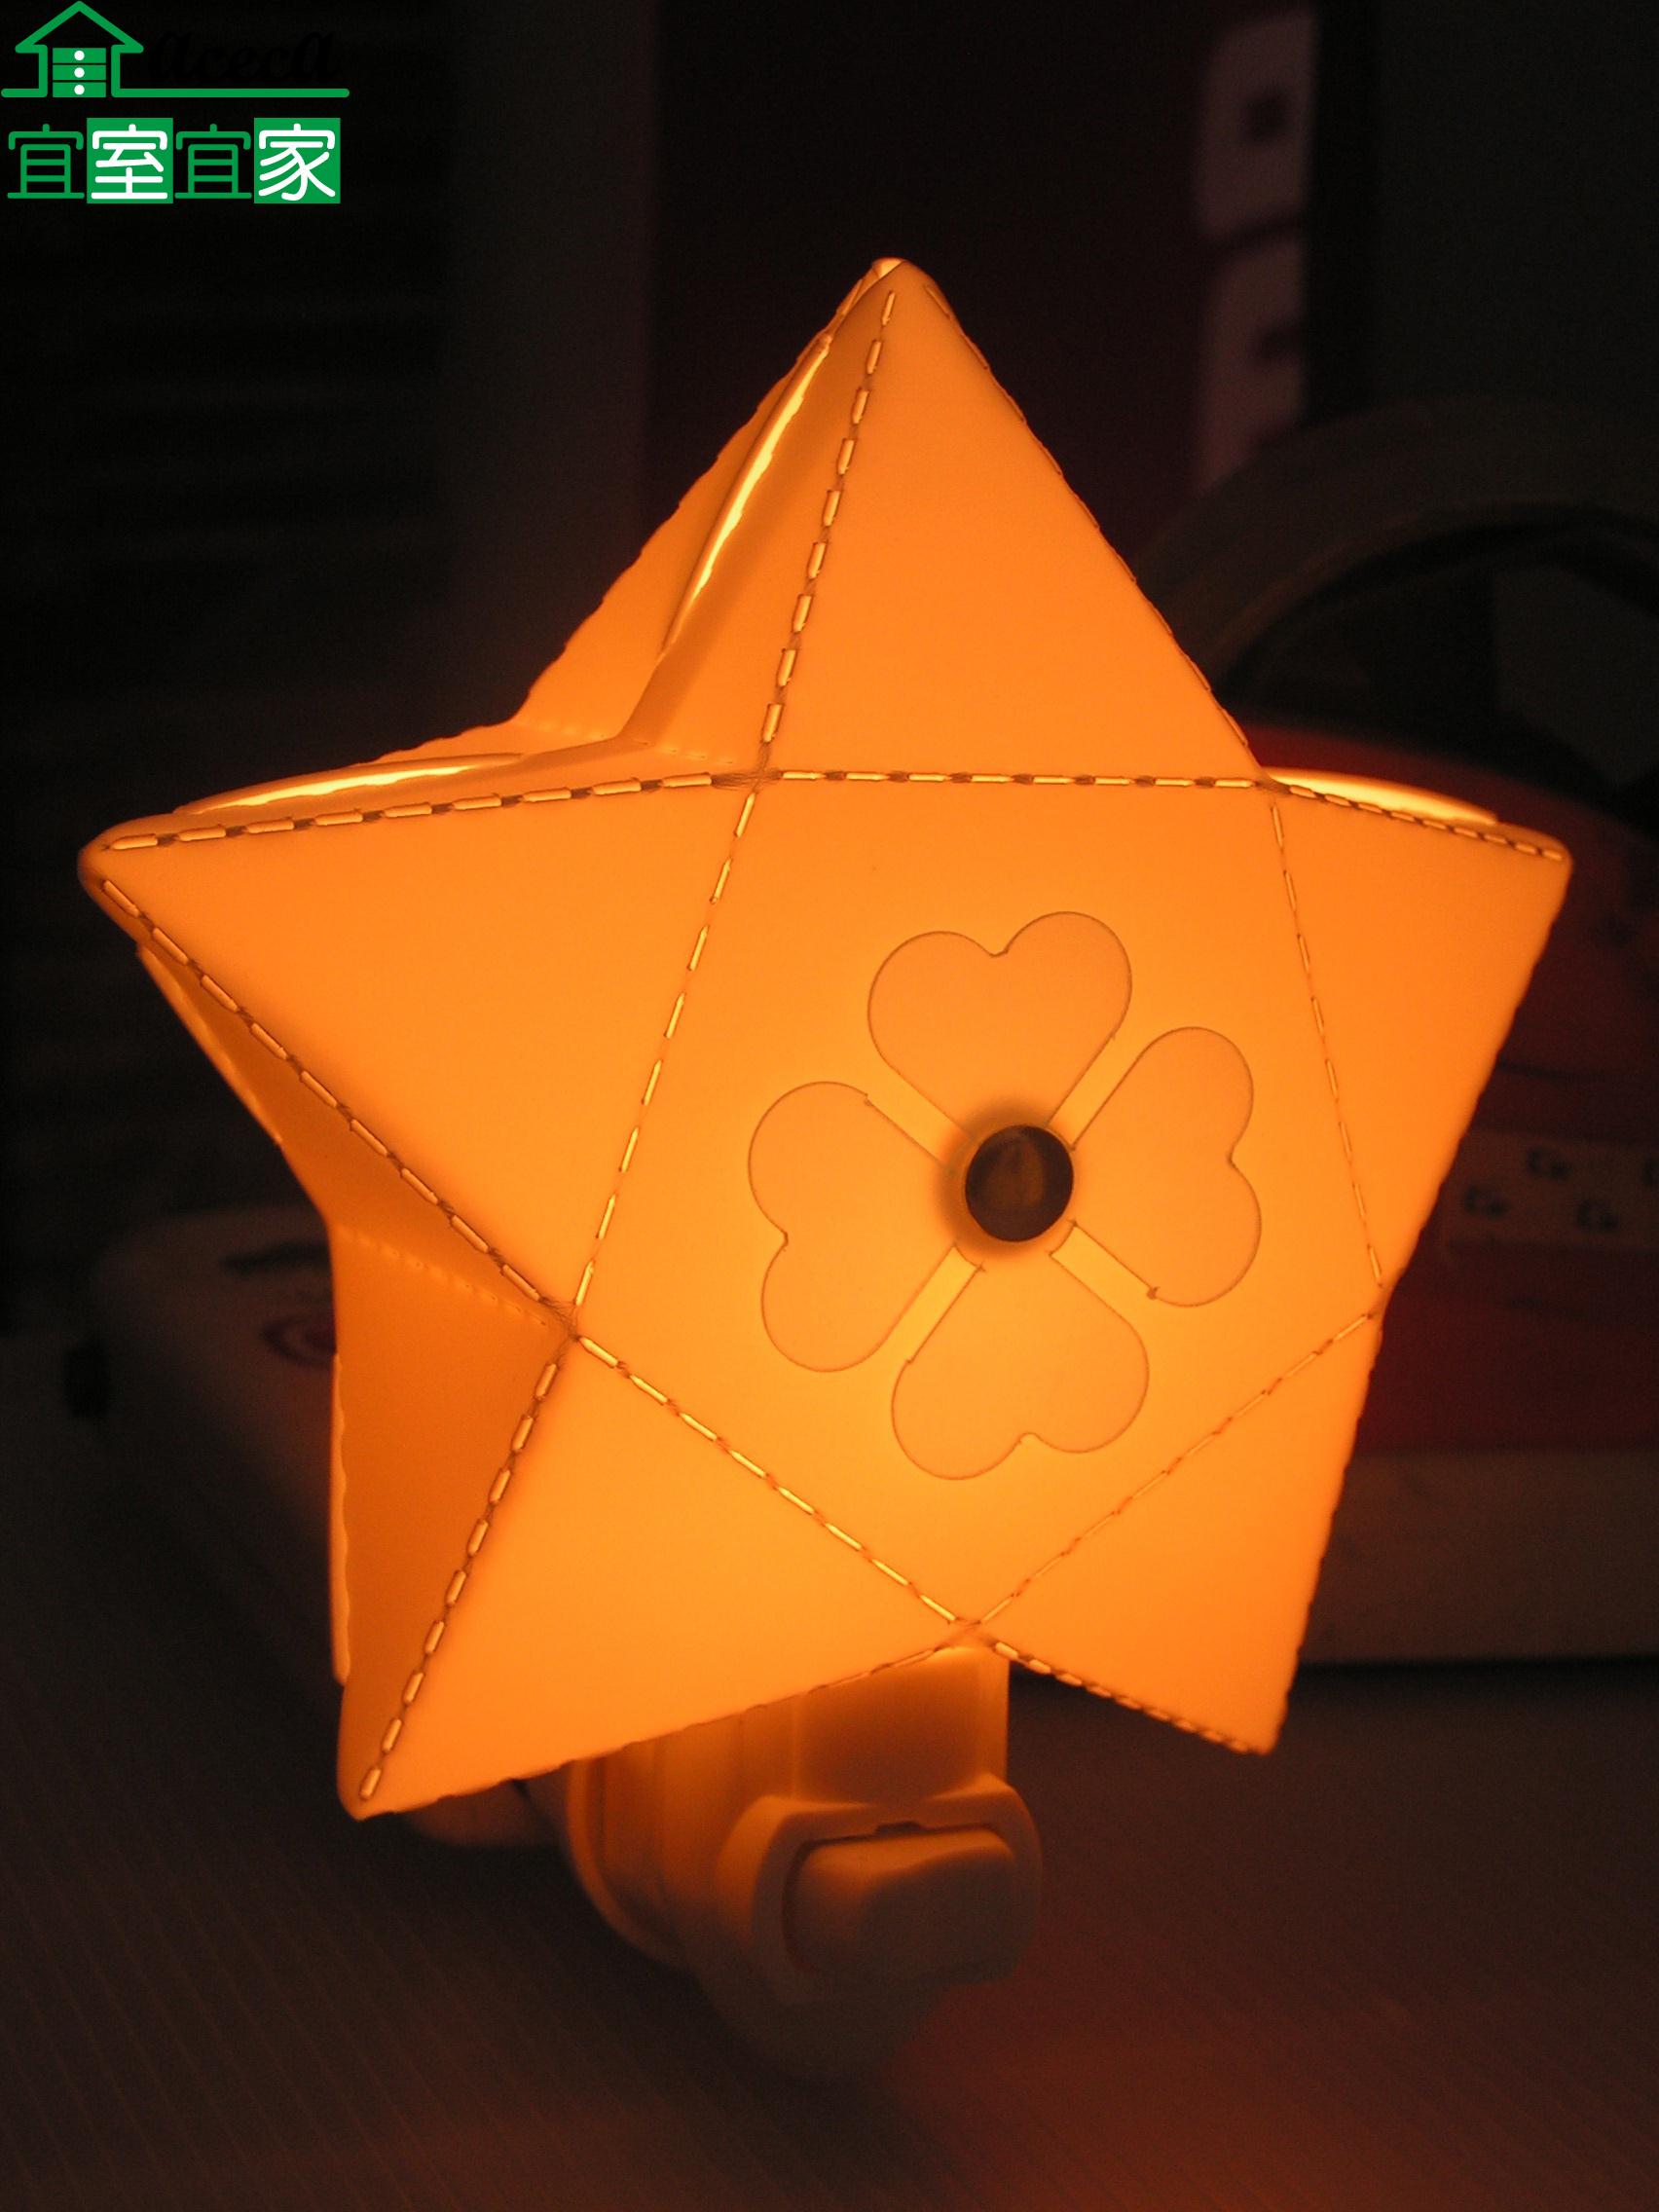 小夜燈 床頭燈 創意 造型 浪漫 夜生活 送禮 MIT 台灣製 星星造型(黃) 【宜室宜家CYF04Y】